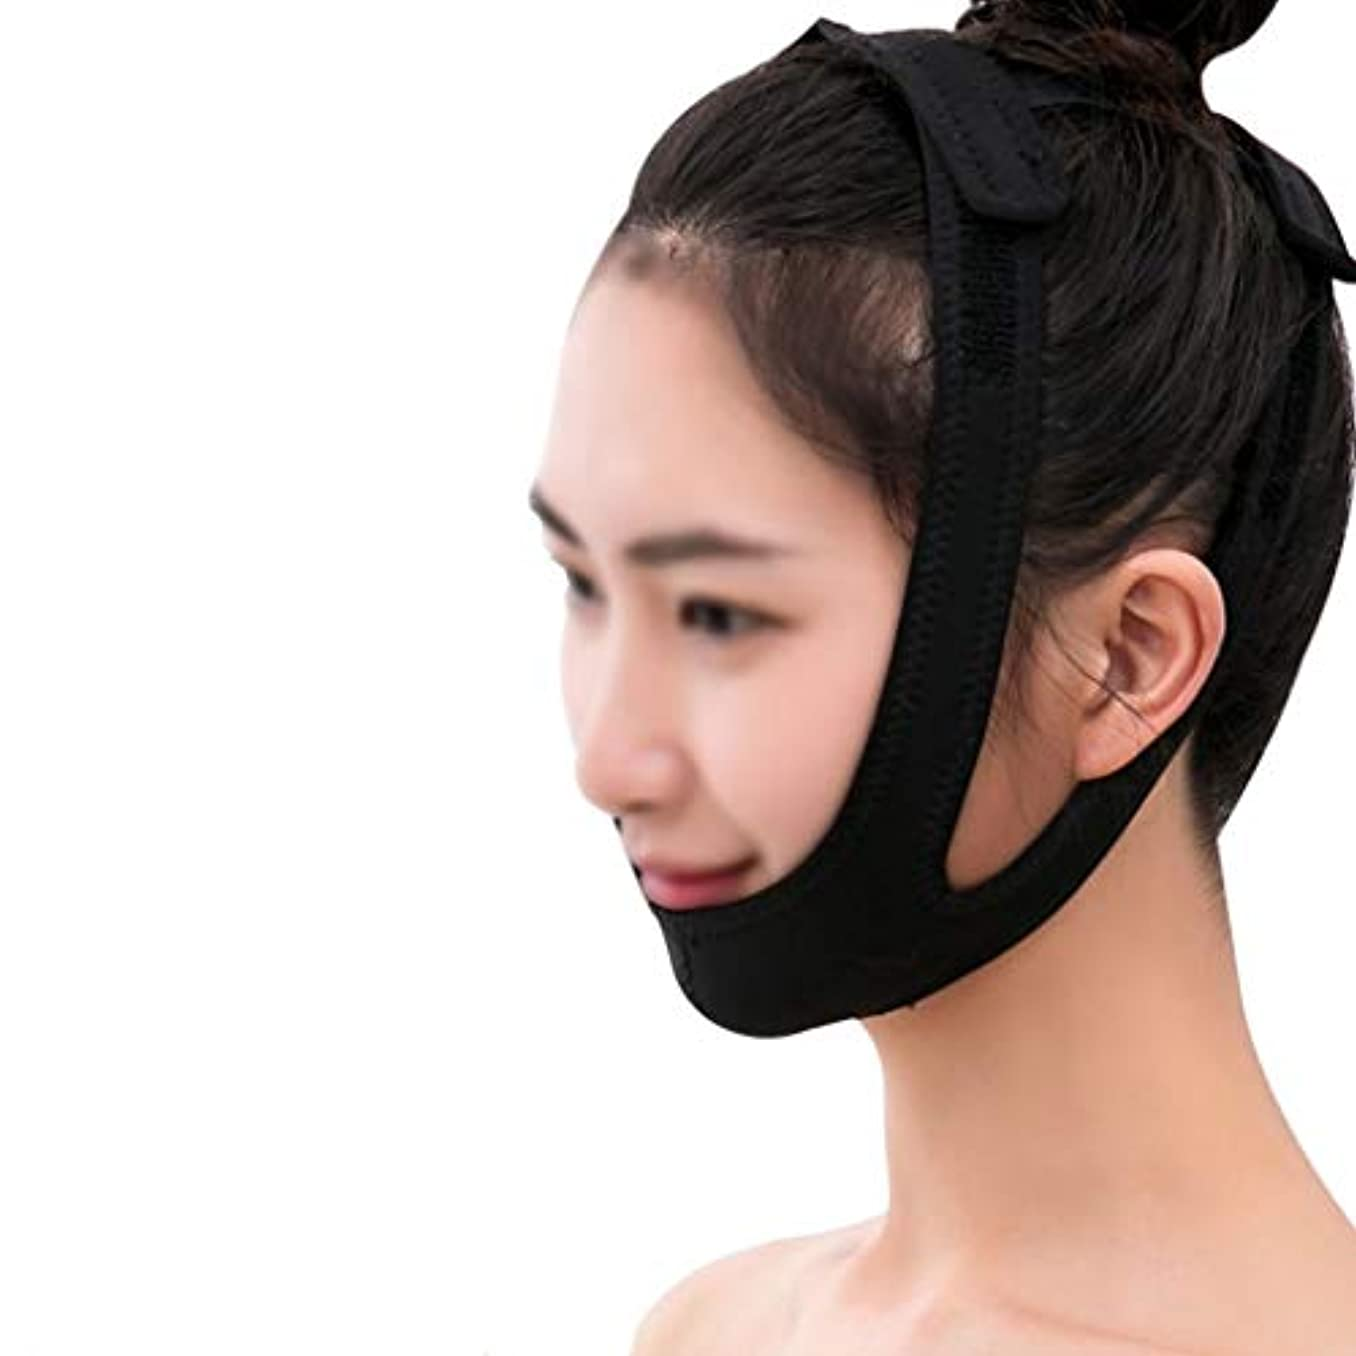 真面目な起こりやすいスペシャリストフェイシャルリフティングマスク、医療用ワイヤーカービングリカバリーヘッドギアVフェイスバンデージダブルチンフェイスリフトマスクブラック